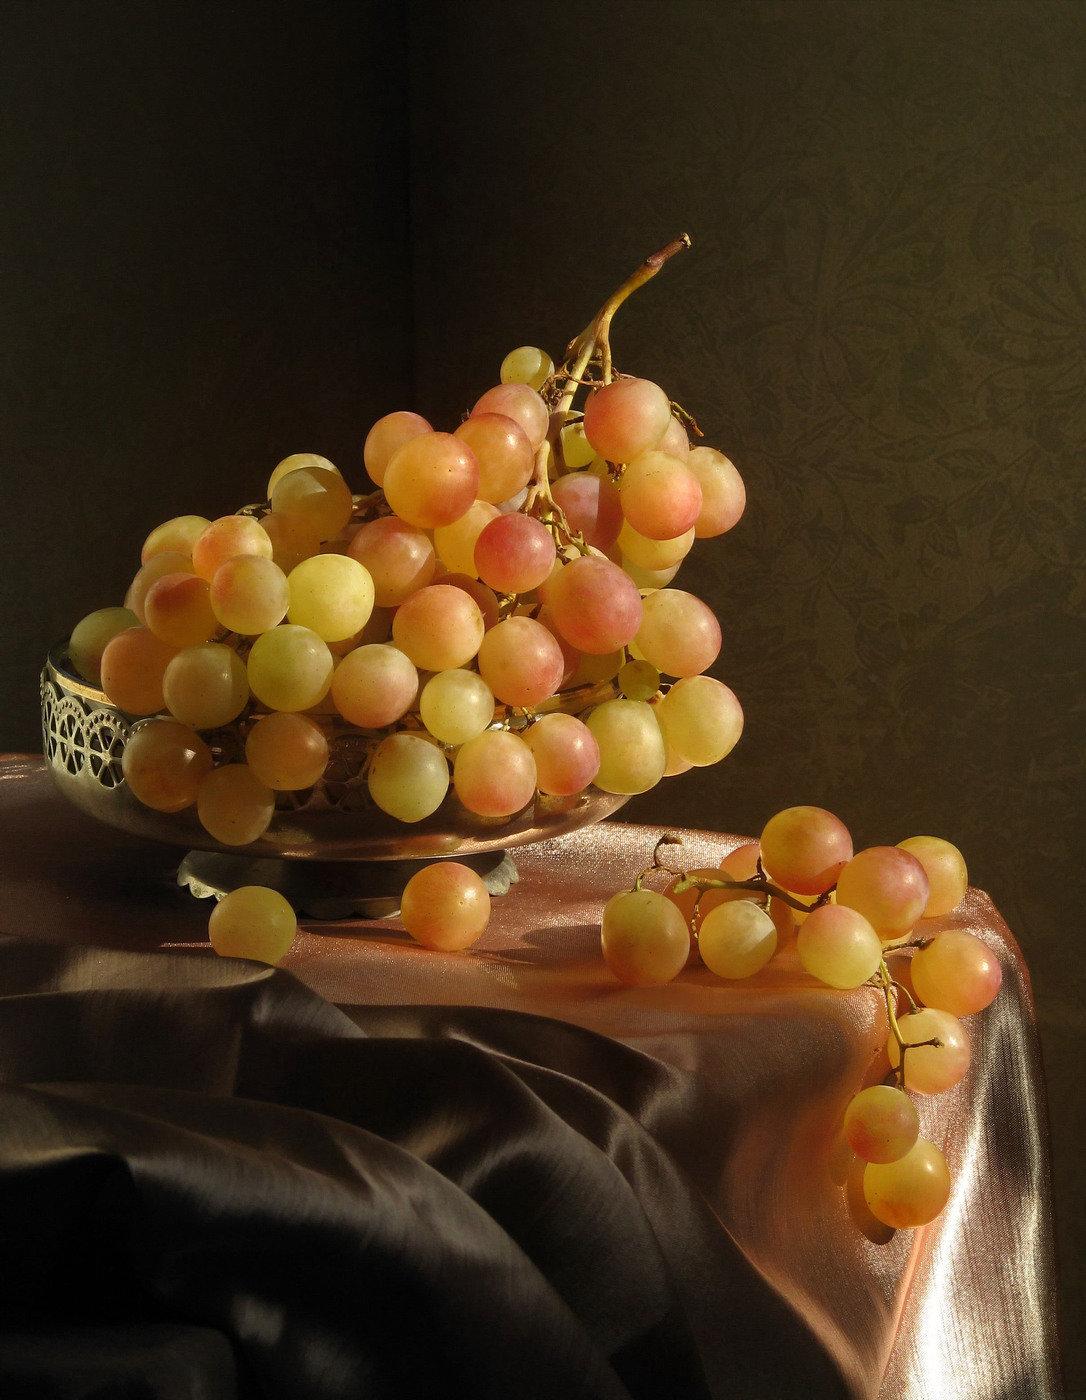 таких фото натюрморт с виноградом конечно